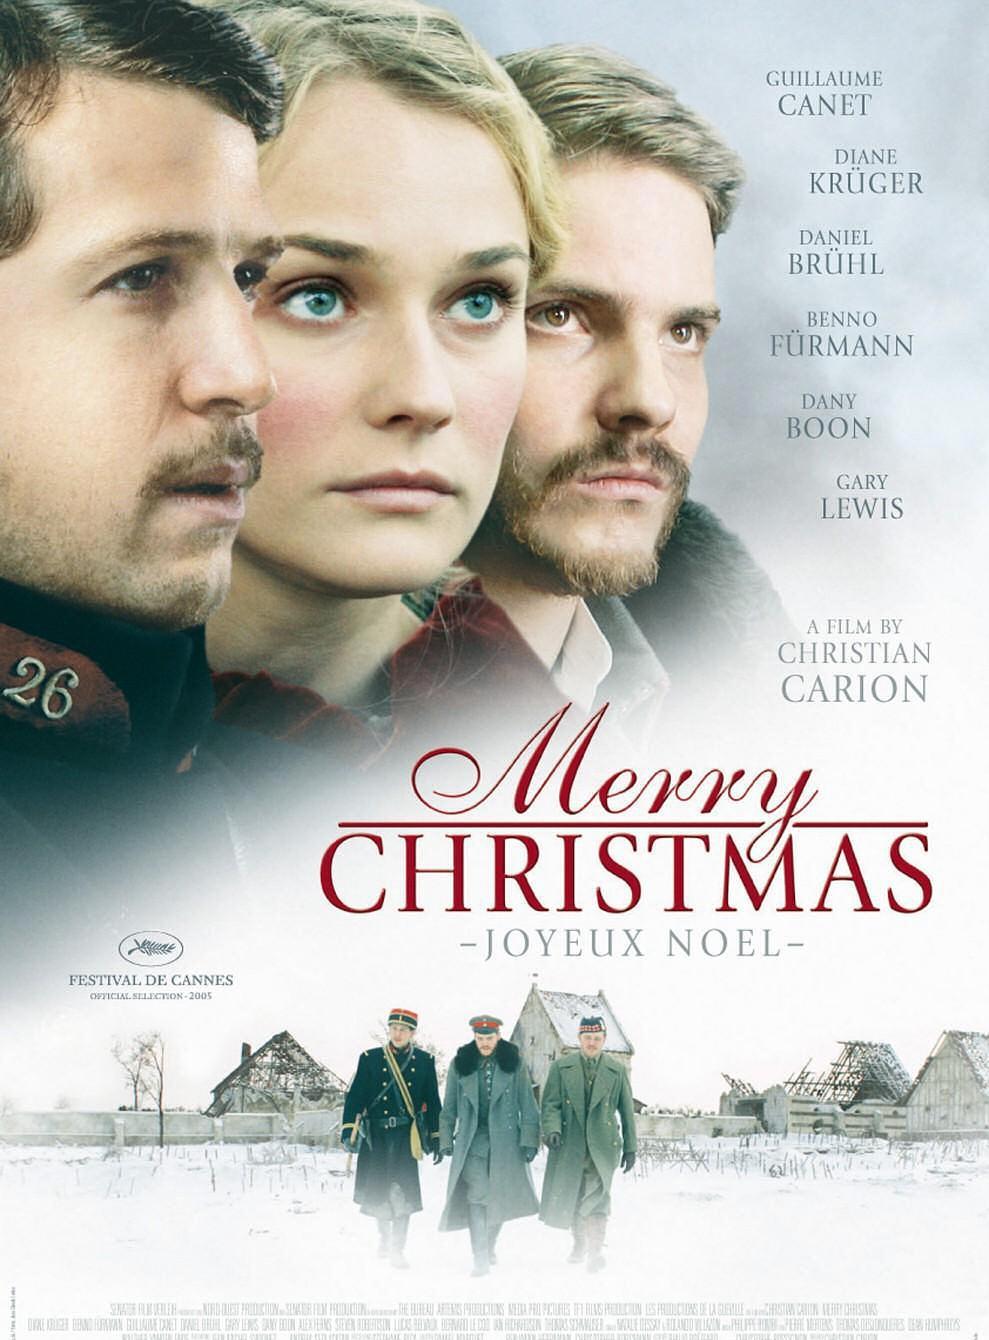 圣诞快乐 克里斯蒂安版